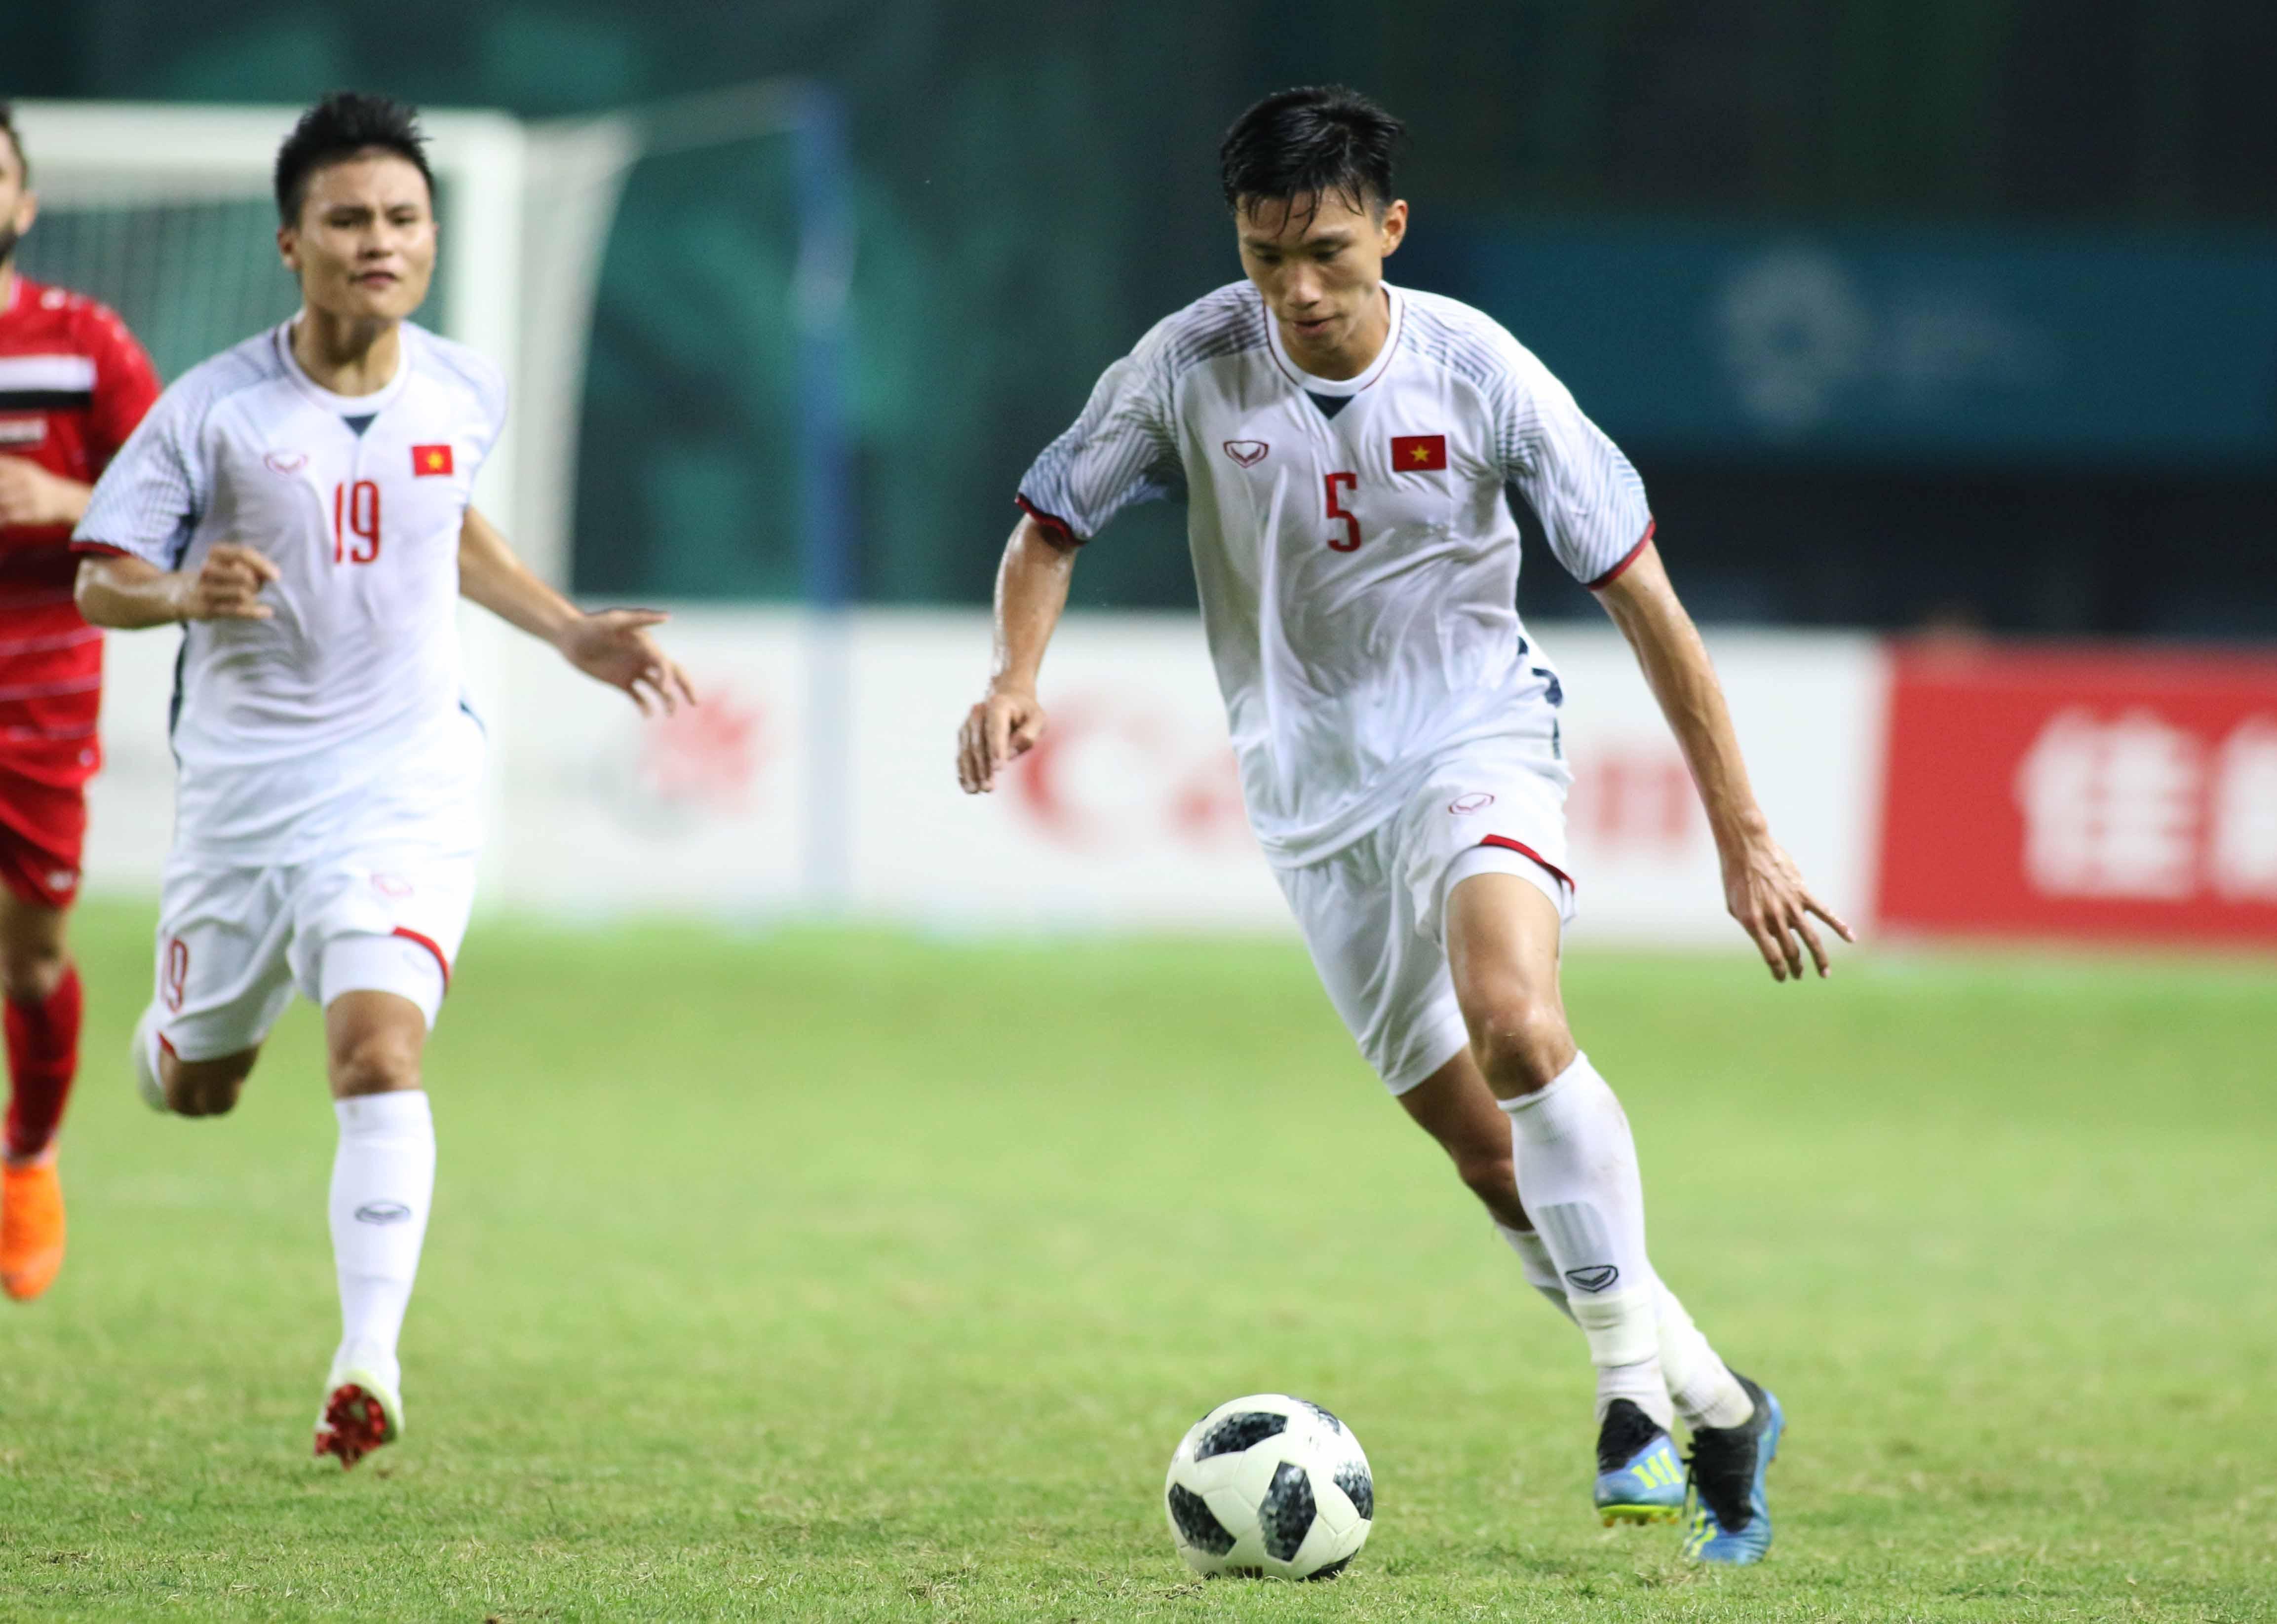 TRỰC TIẾP ĐT Lào 0-1 ĐT Việt Nam: Công Phượng ghi bàn - Bóng Đá